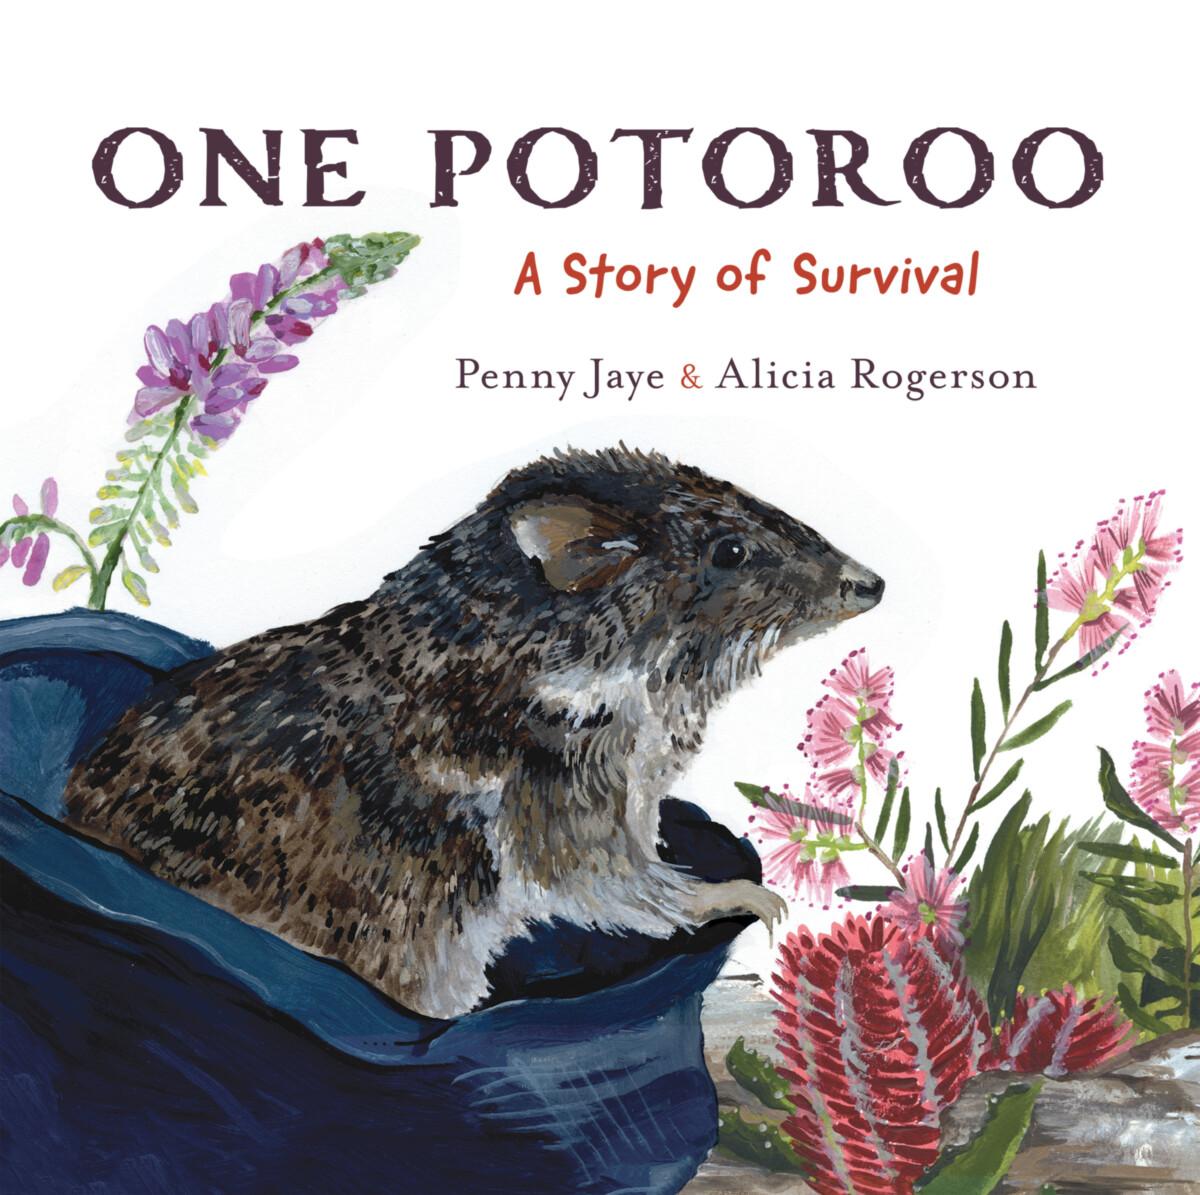 One Potoroo